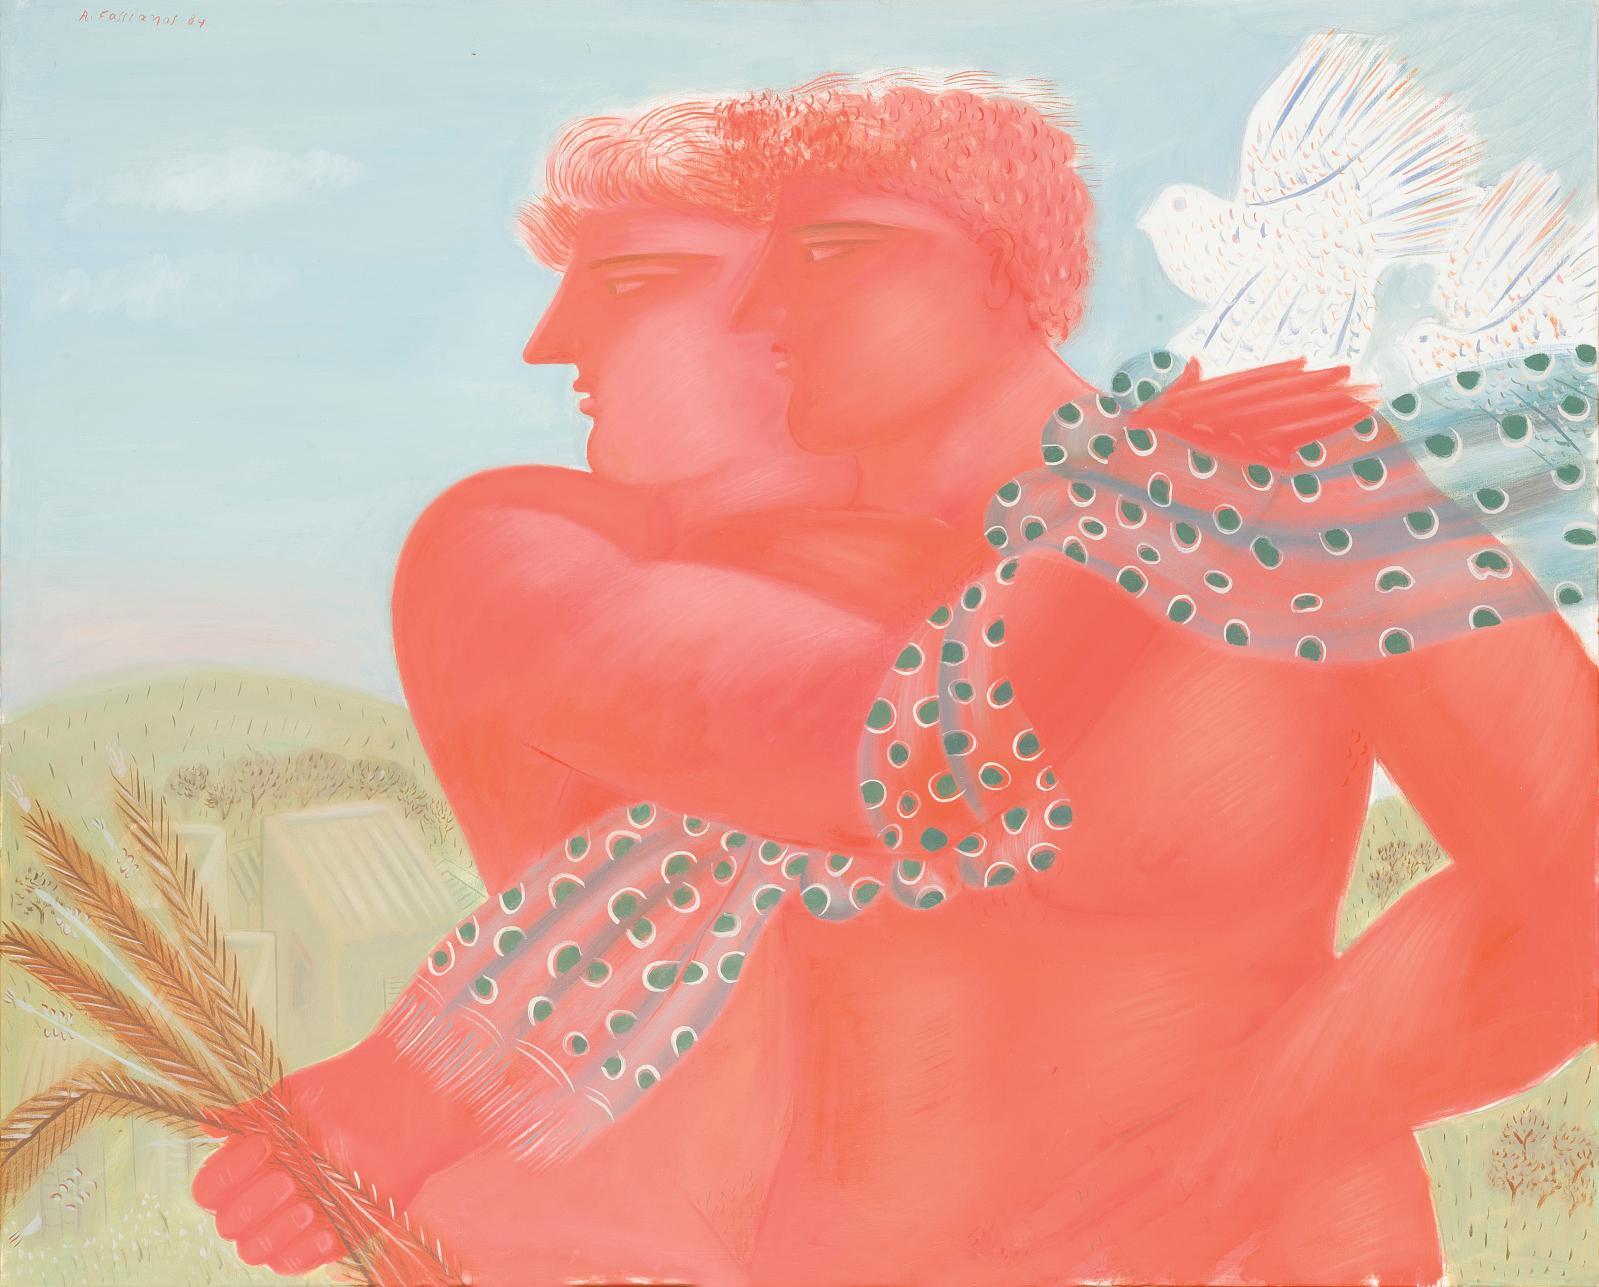 Alekos Fassianos (né en 1935), Le Réveil du matin, 1984, 80,5 x 100 cm. Estimation : 8 000/10 000 €